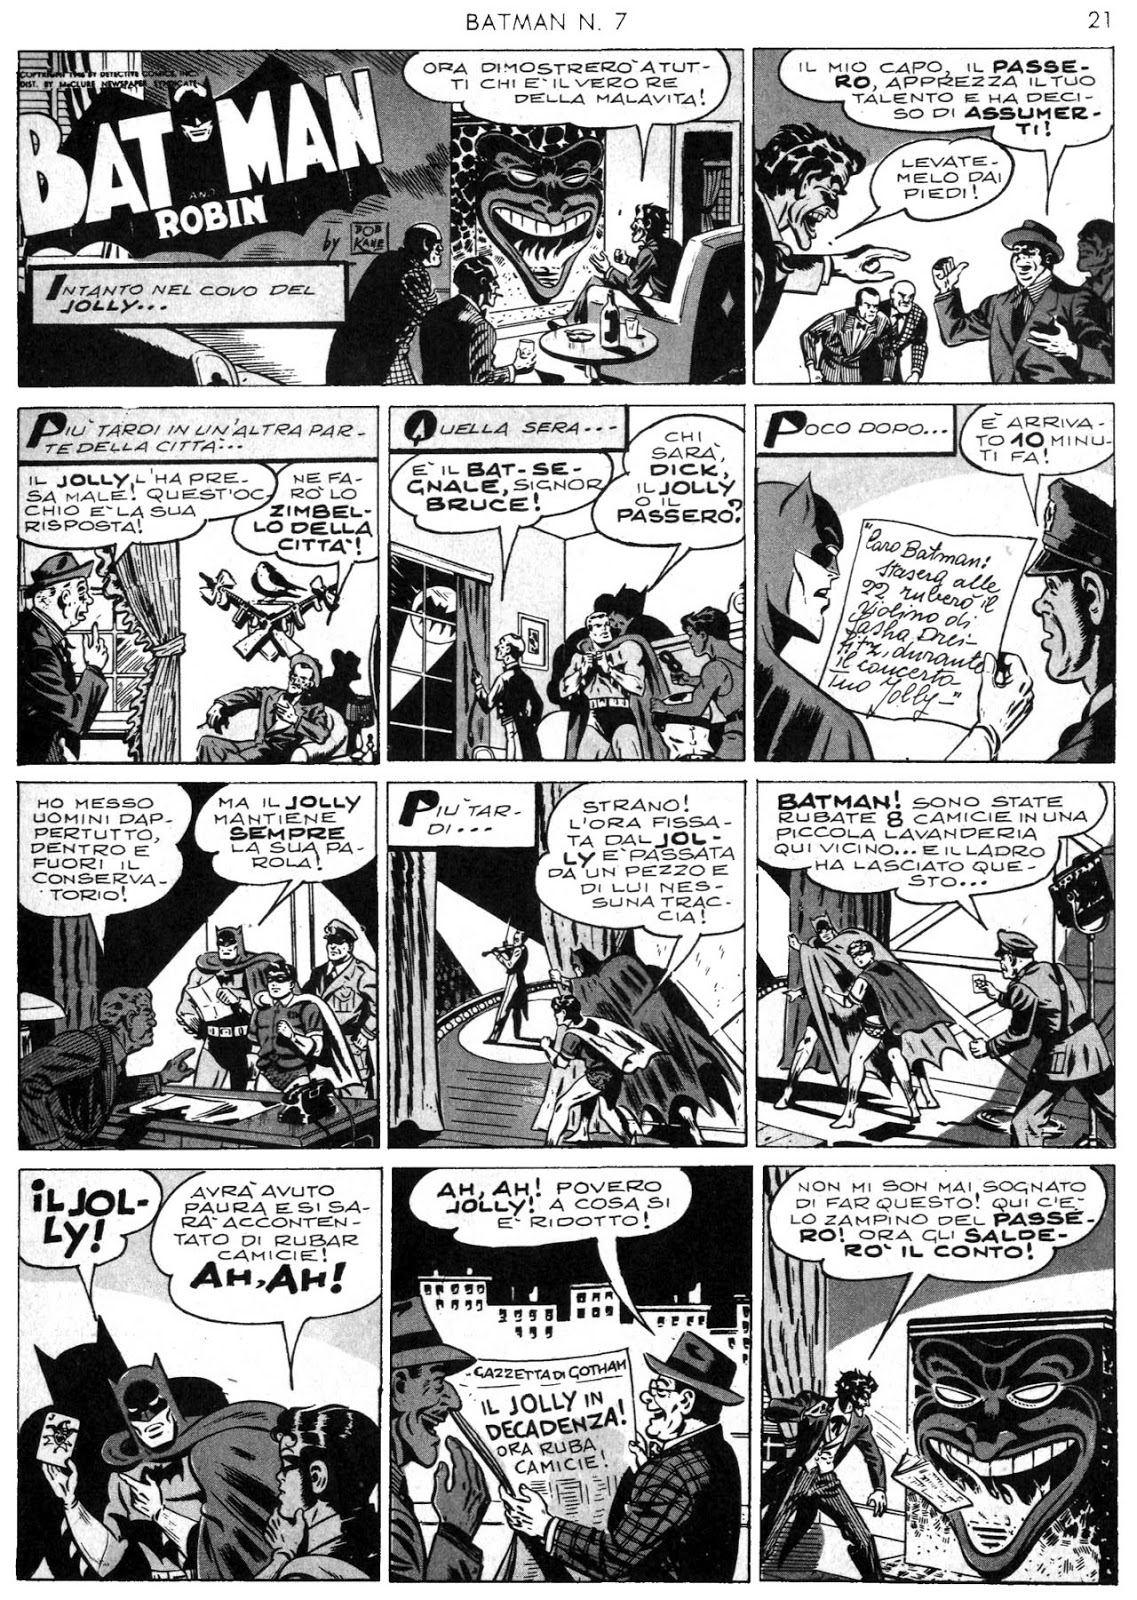 pagina_21